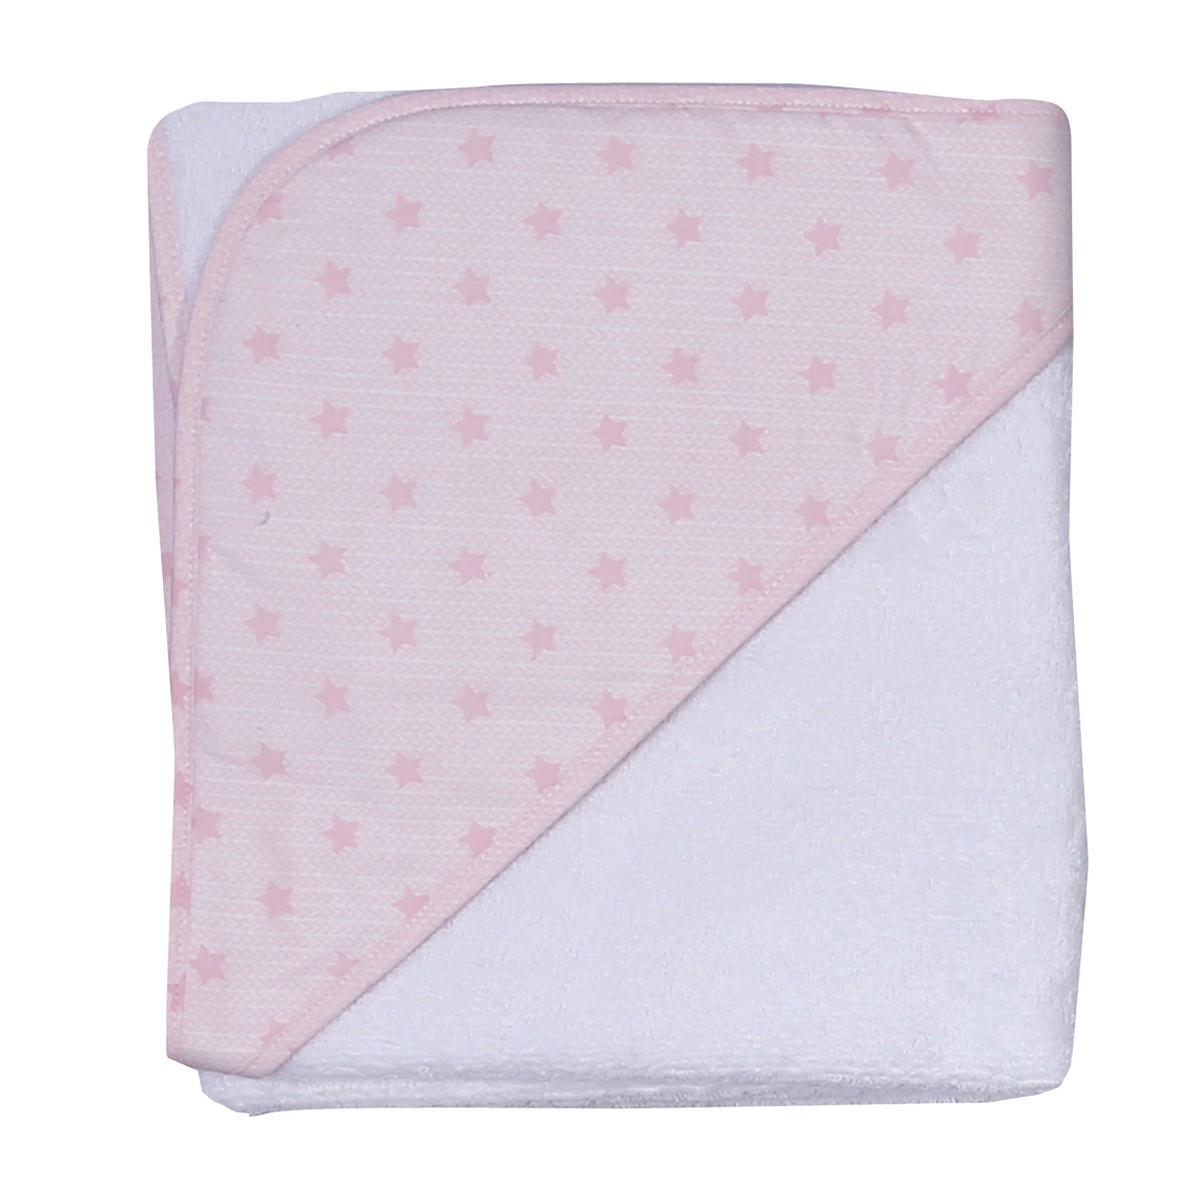 Κάπα Nef-Nef Dreams & Wishes Pink 88879